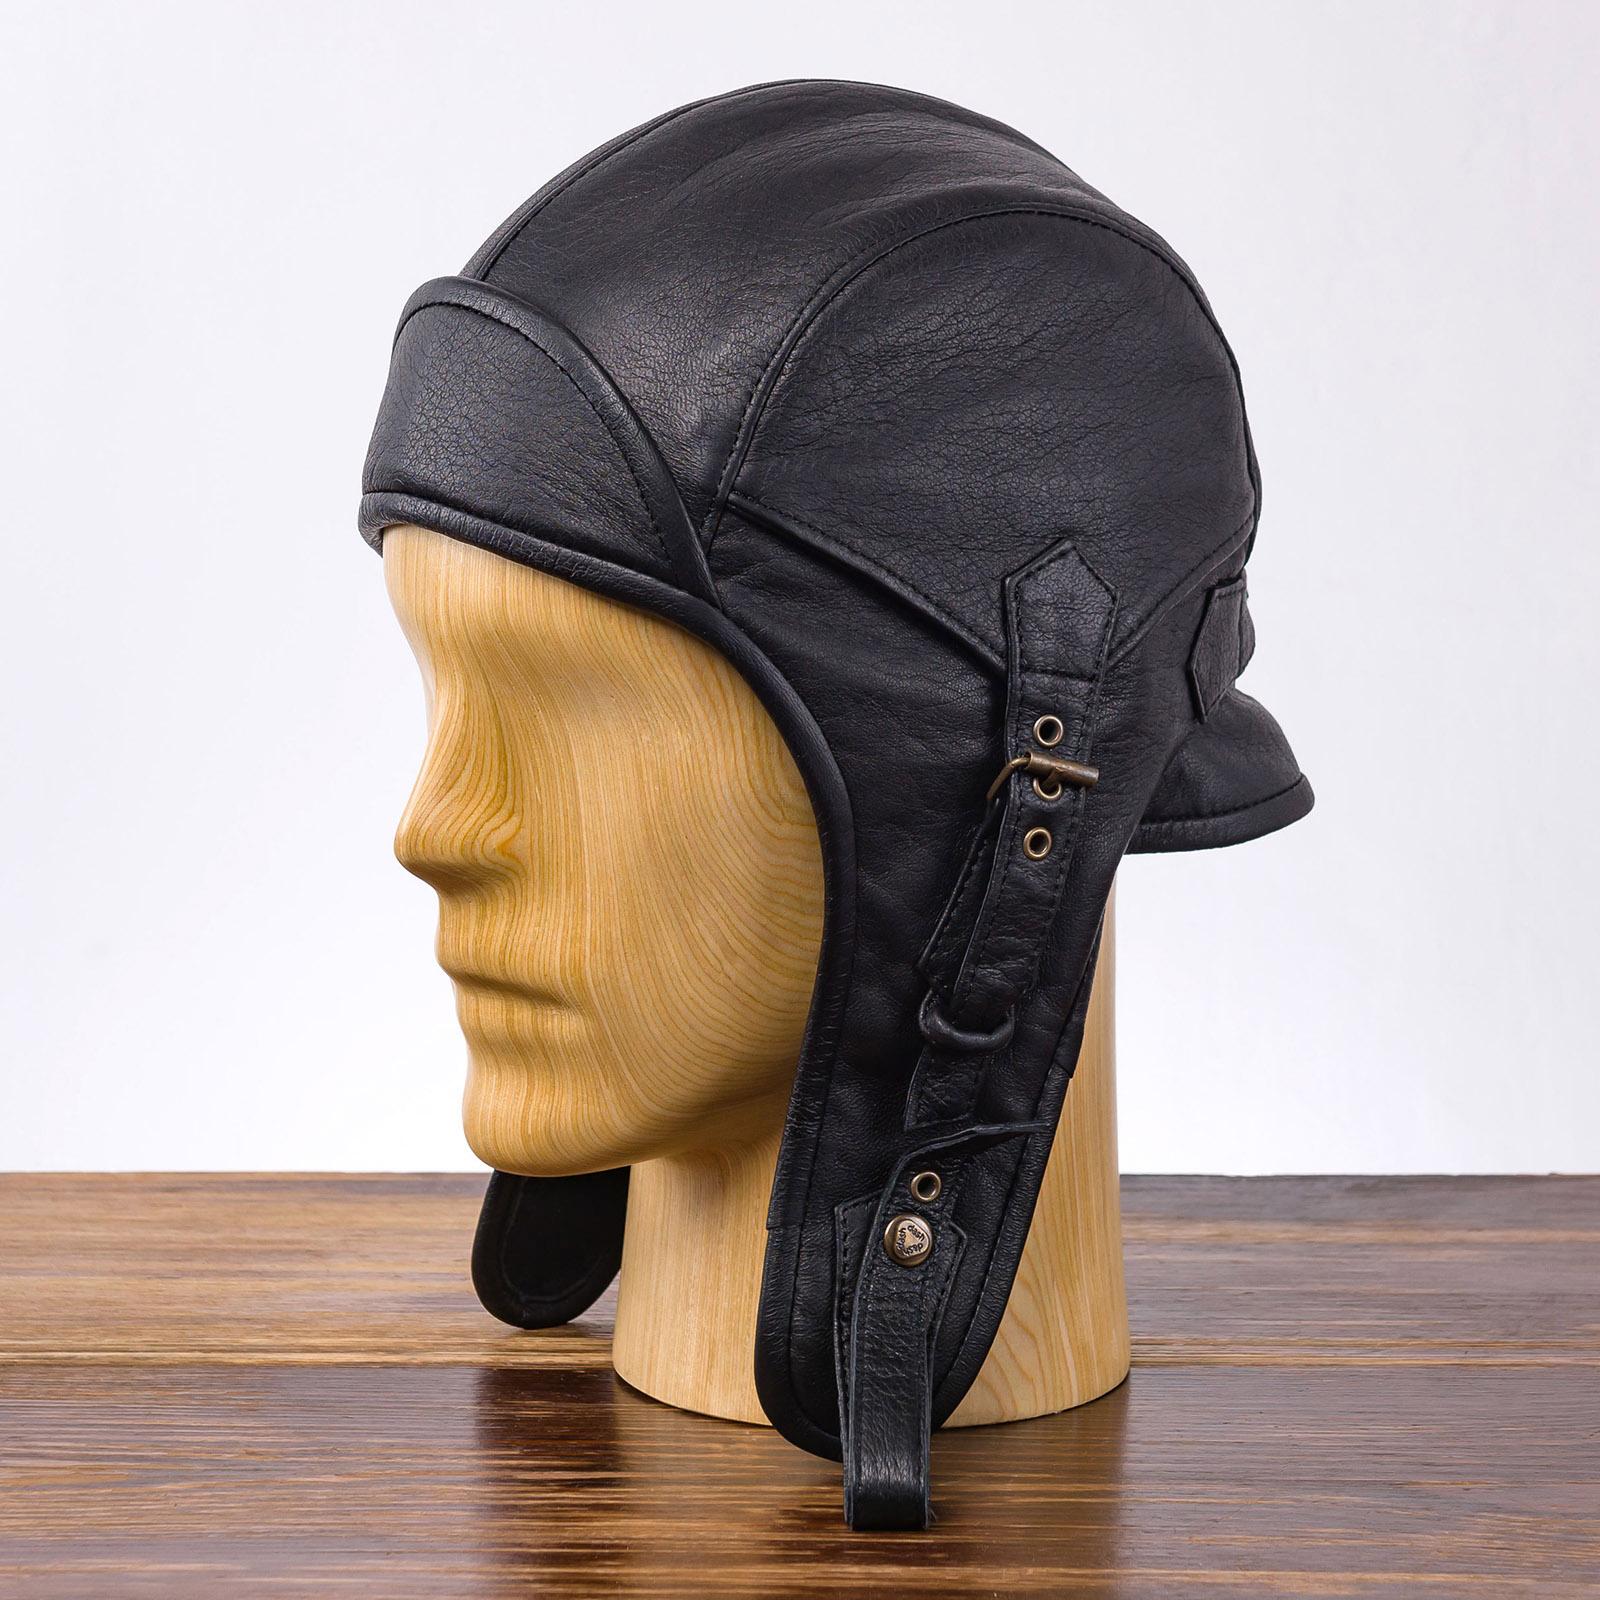 Skórzana czapka pilotka dla mężczyzn i kobiet na zimę,jesień